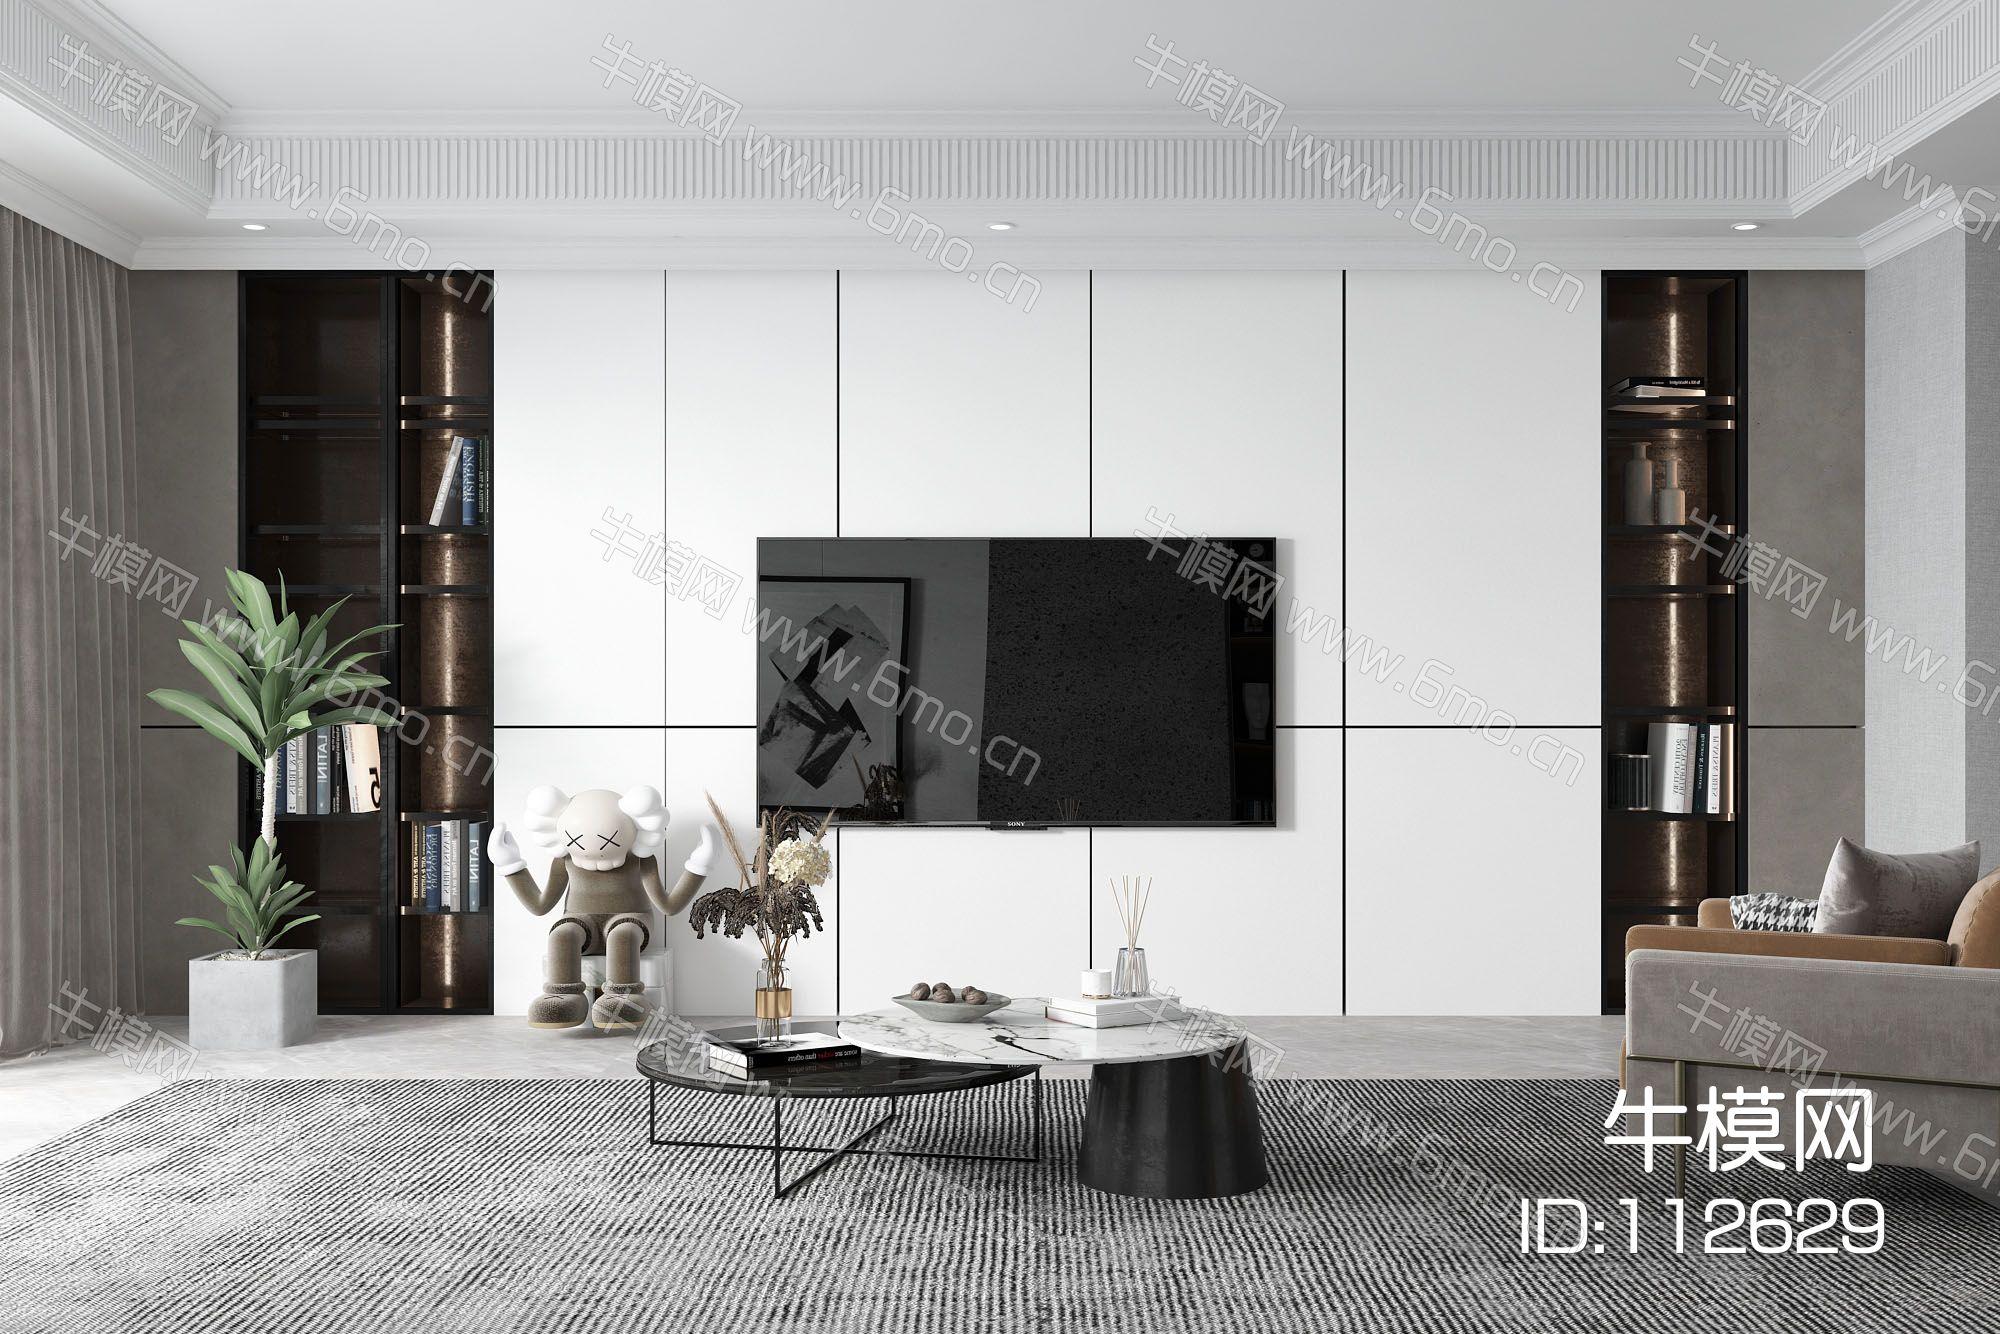 现代简约风格客厅 电视背景墙